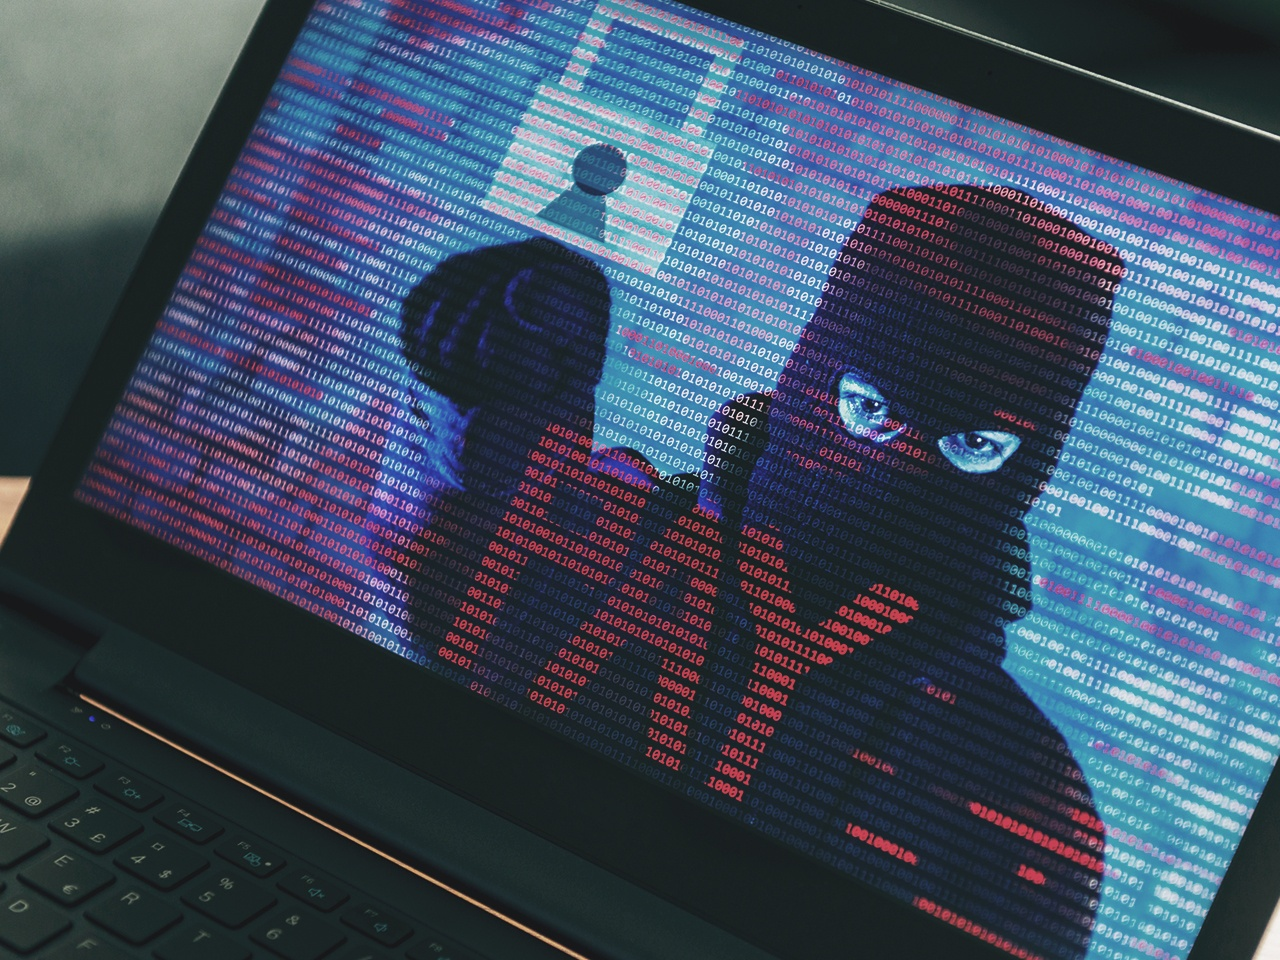 Не только WannaCry: эксплойт EternalBlue порождает новые атаки - 1